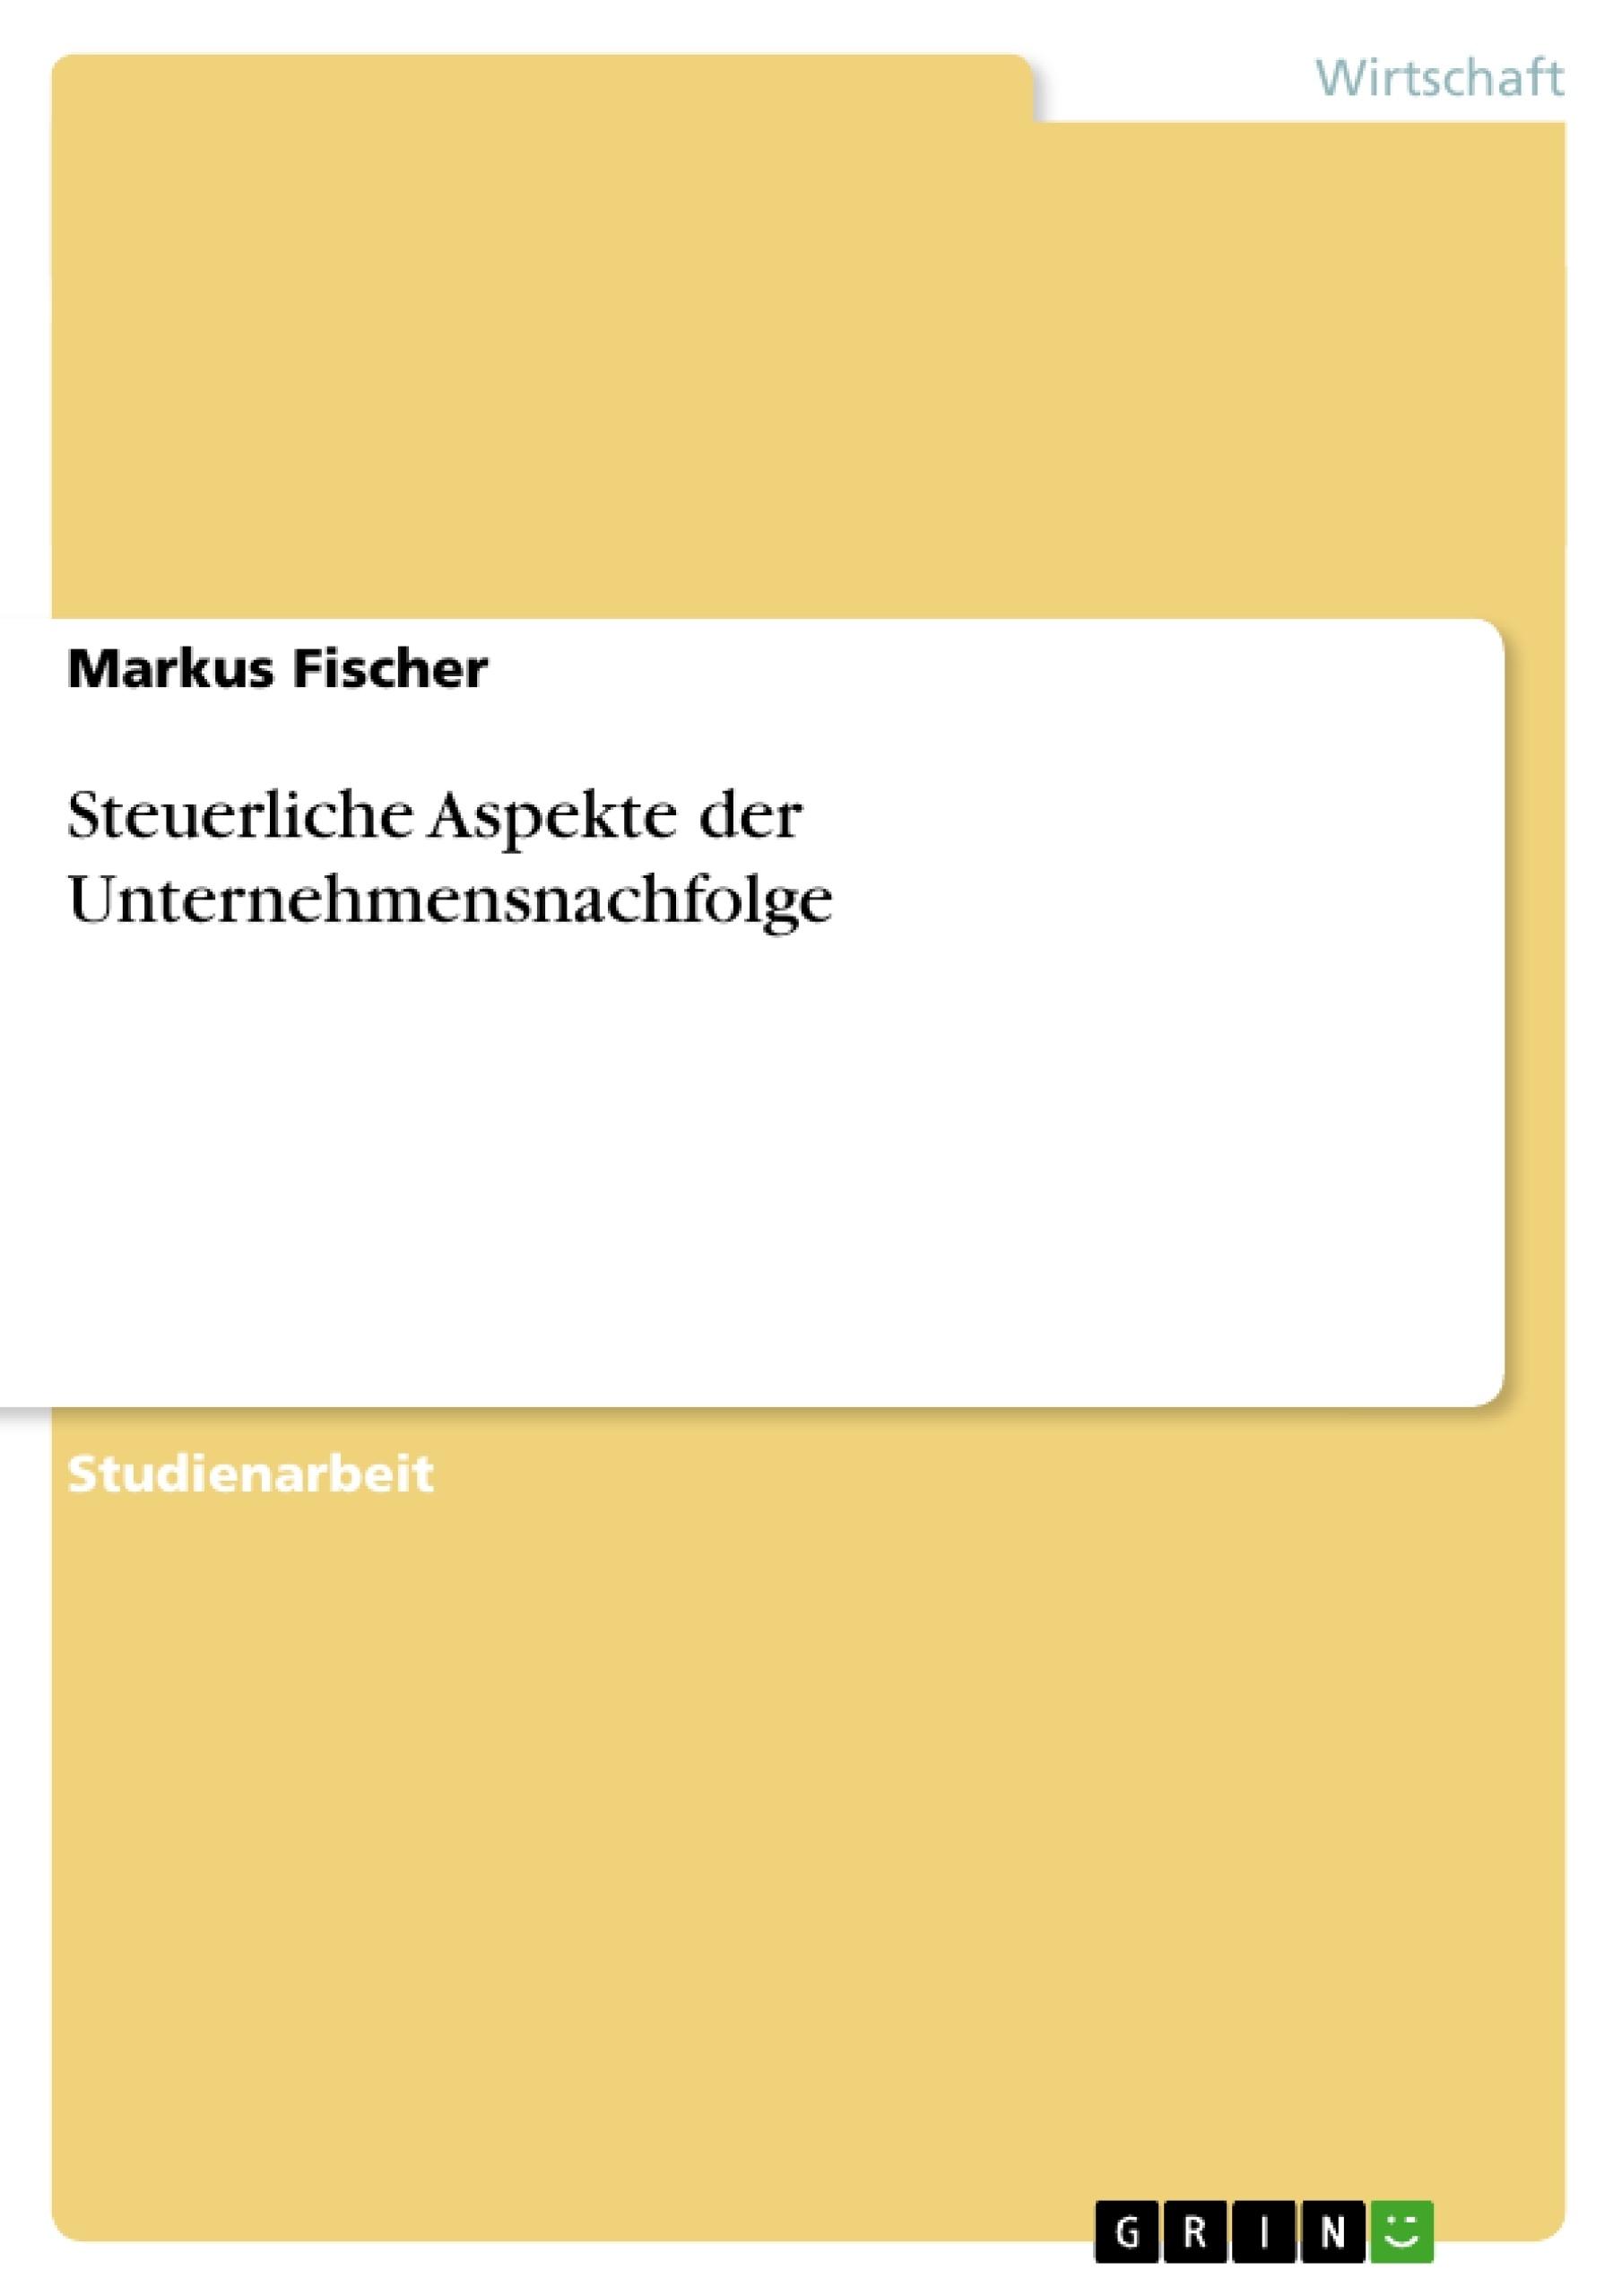 Titel: Steuerliche Aspekte der Unternehmensnachfolge